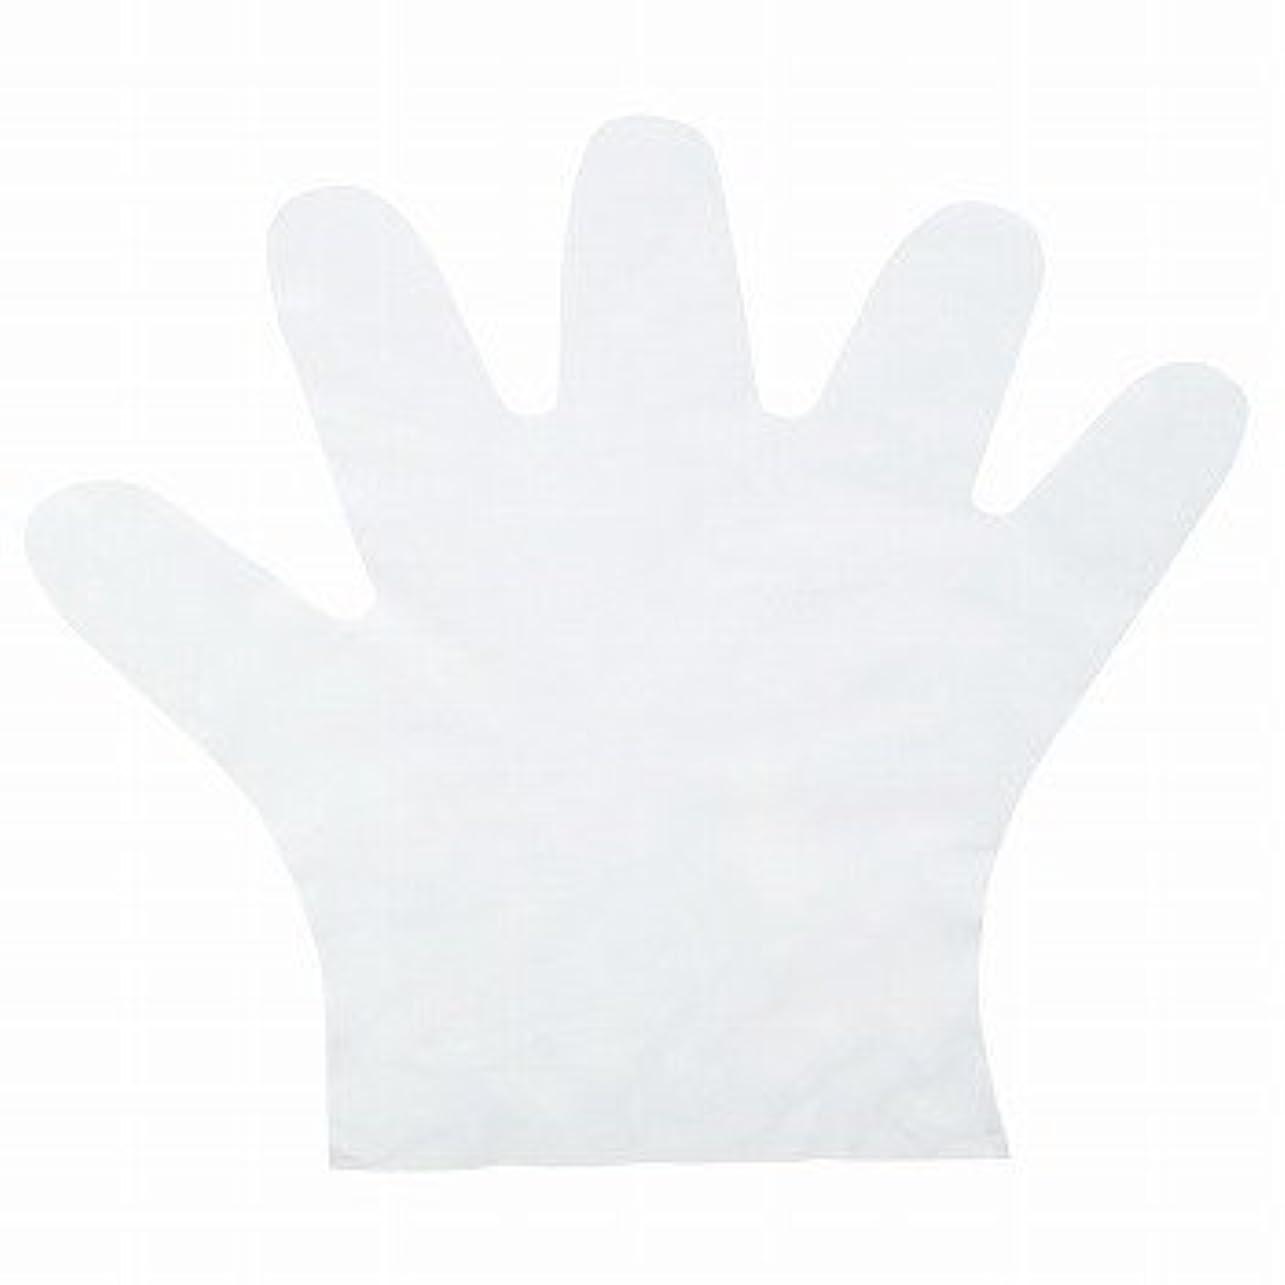 気配りのある編集する精神医学おたふく手袋/ポリエチディスポ(LD) 100枚入×50セット[総数5000枚]/品番:248 サイズ:SS